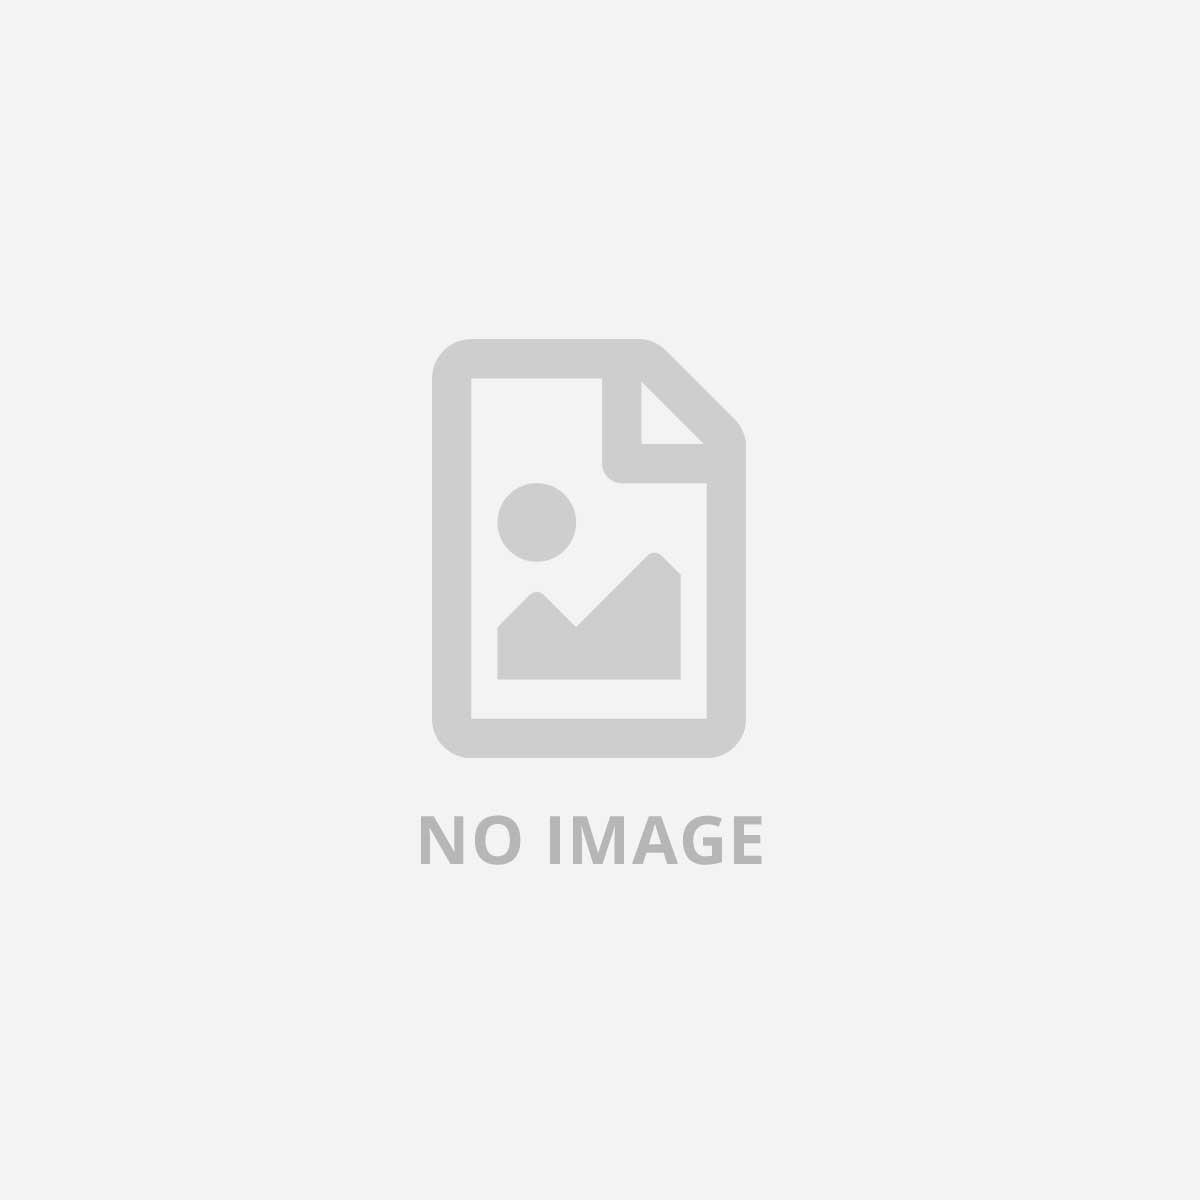 DATALOGIC FALCON X4 1D WE 7 29 KEY 1GB WIFI